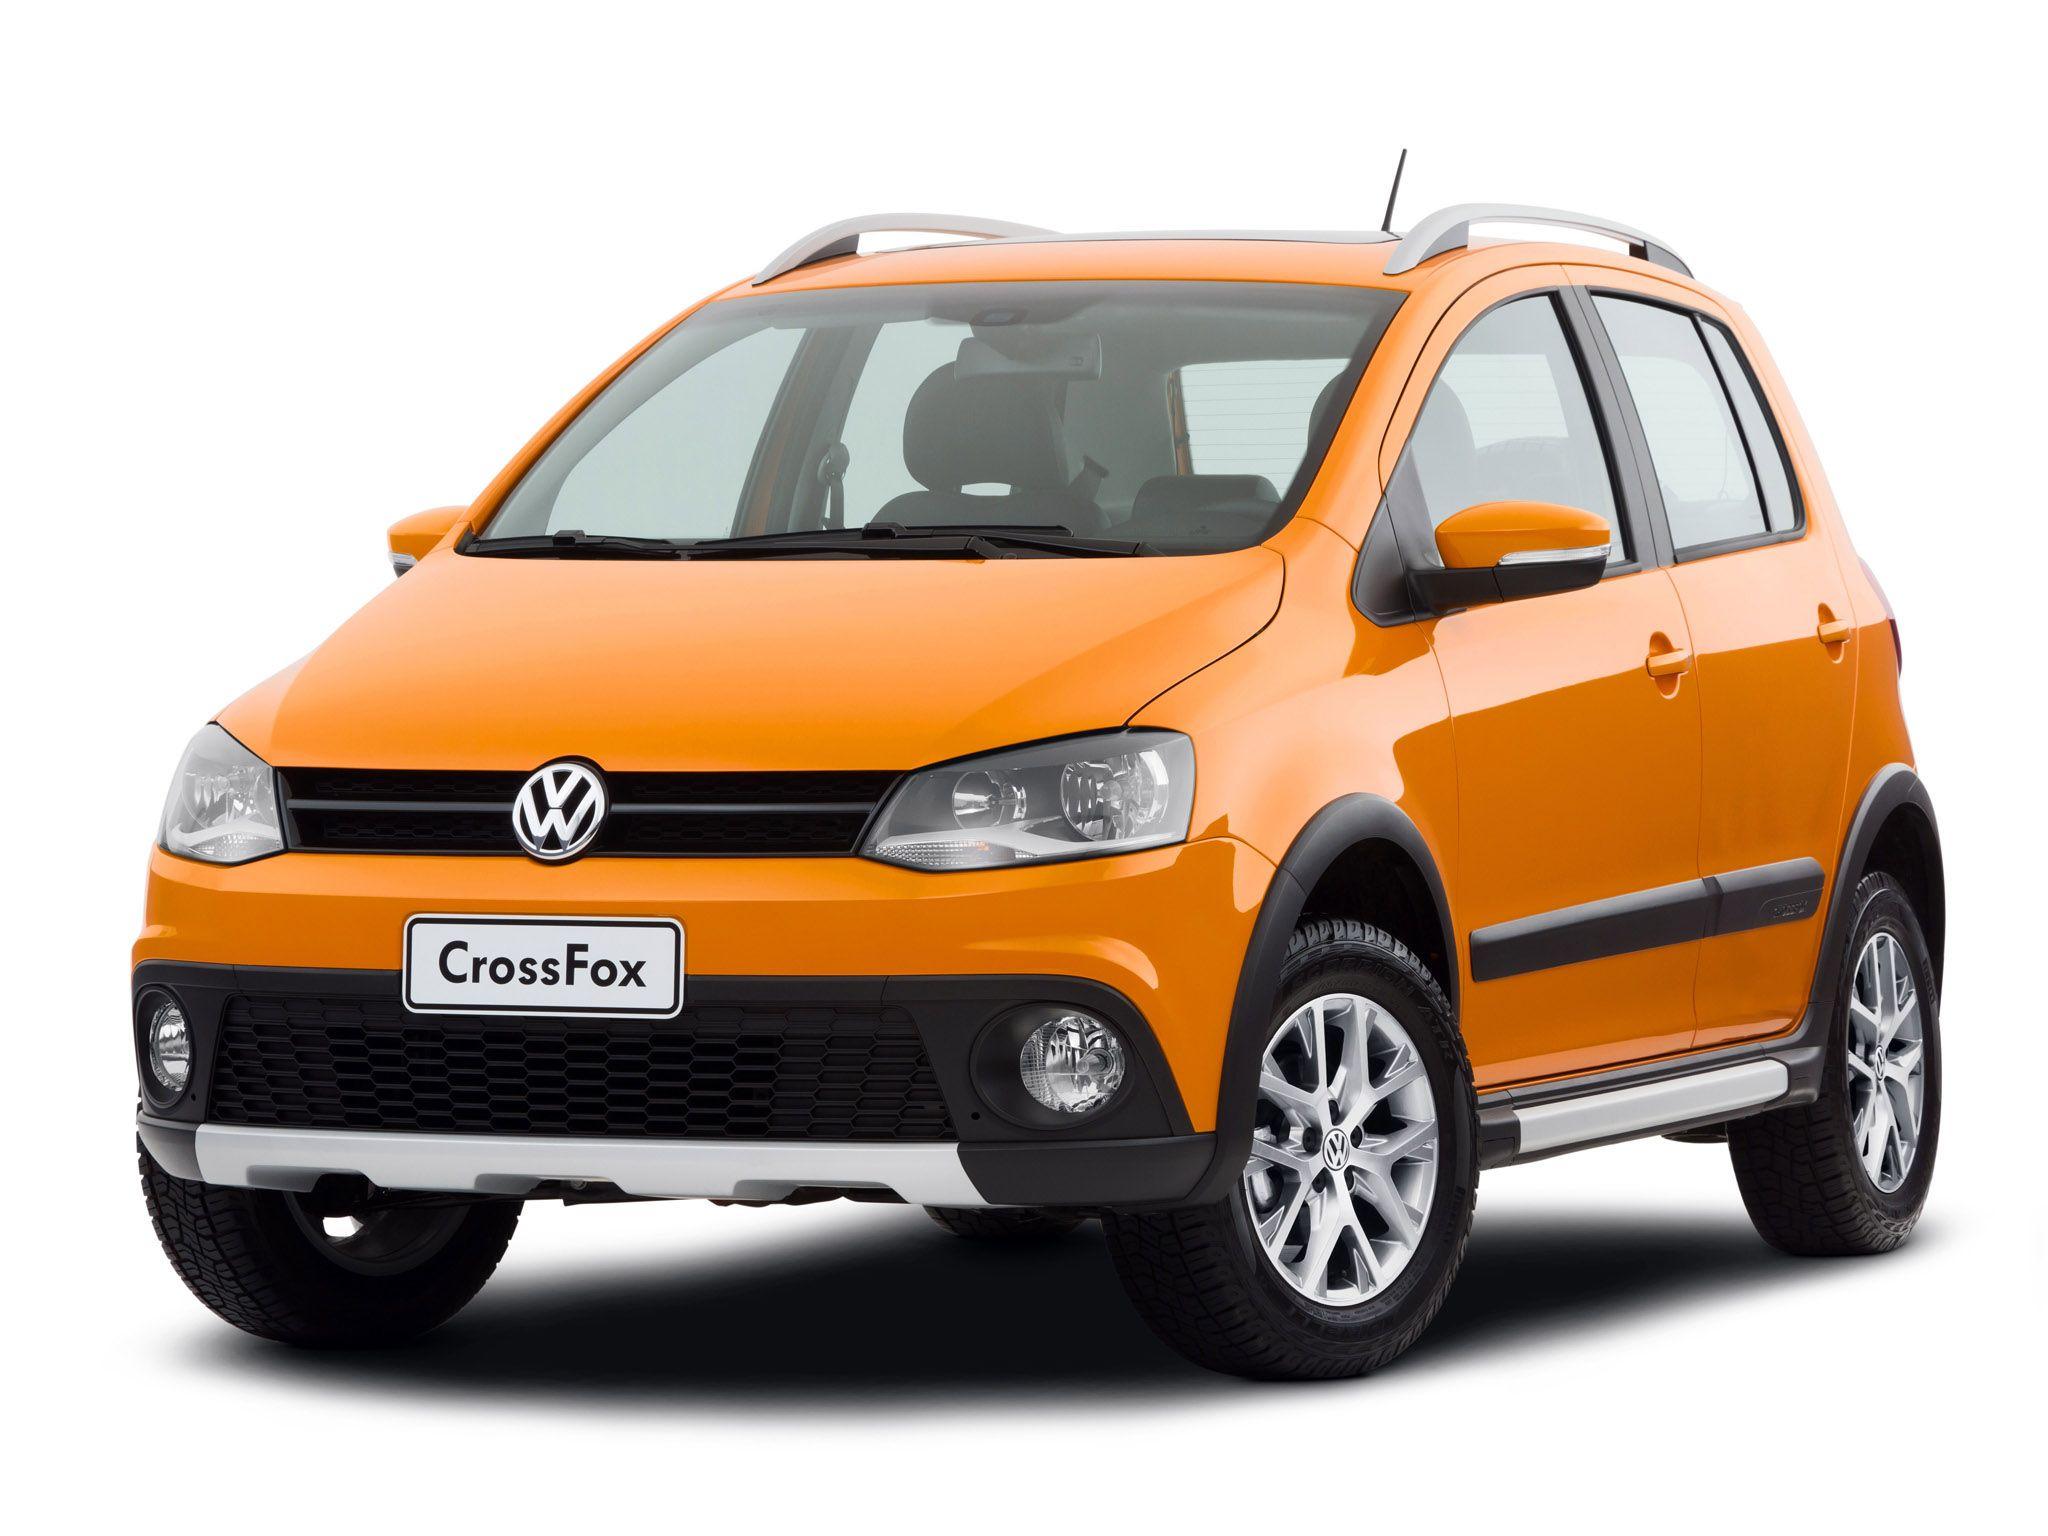 Volkswagen Crossfox Orange Jpg Volkswagen Autos